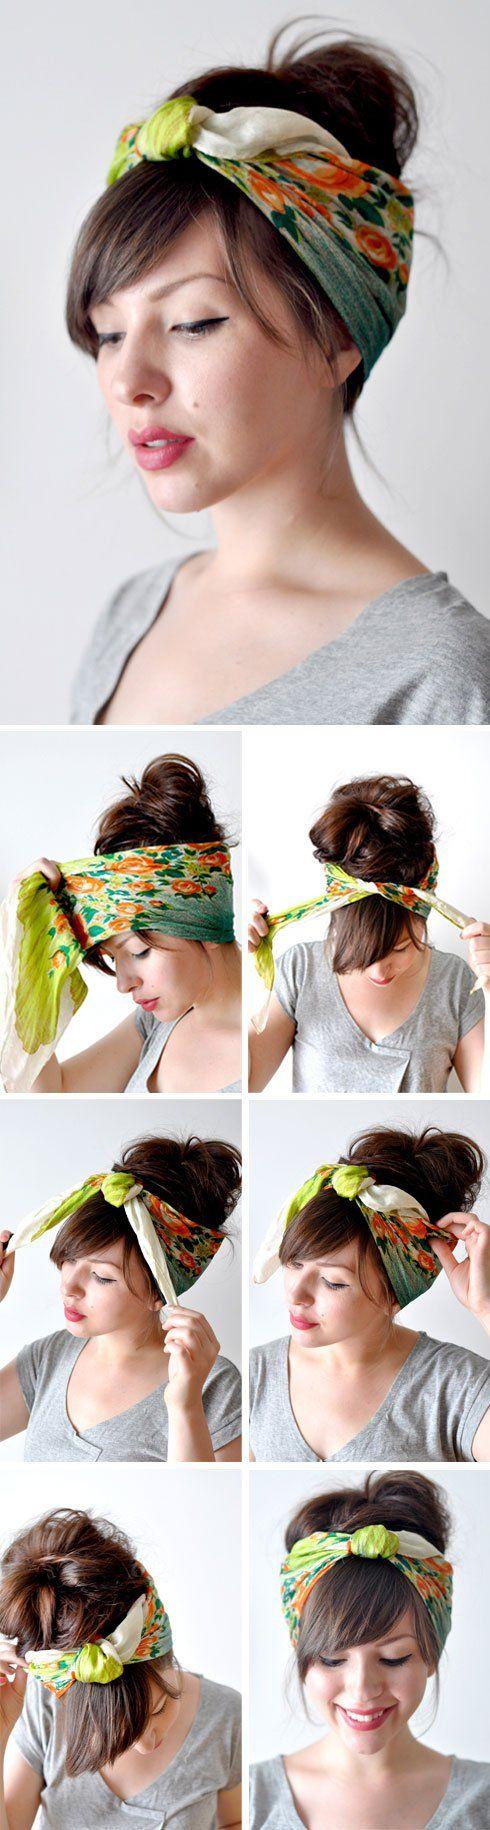 peinados para la lluvia5